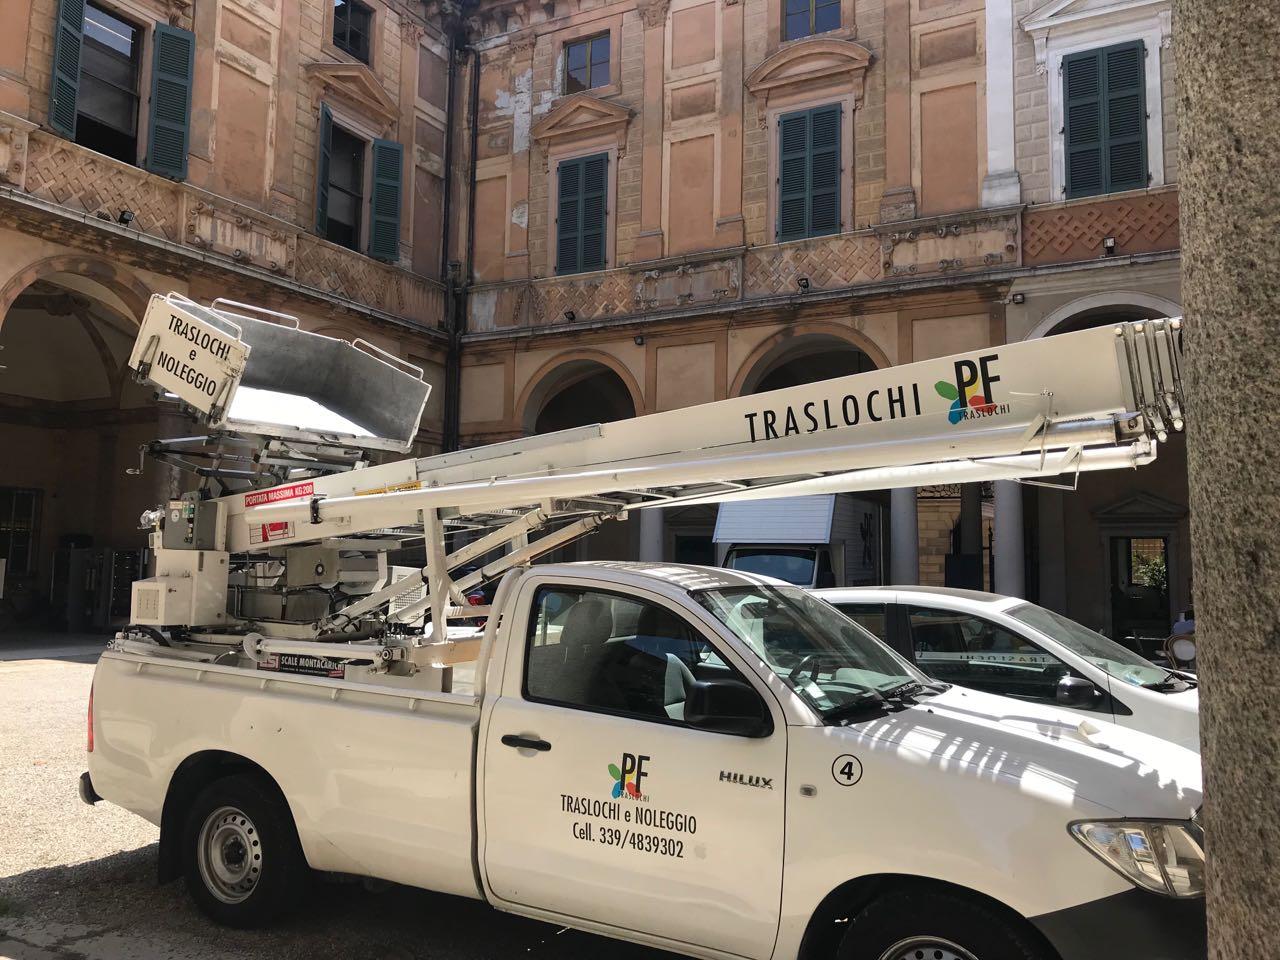 Noleggio Autoscale Brescia Pf Traslochi